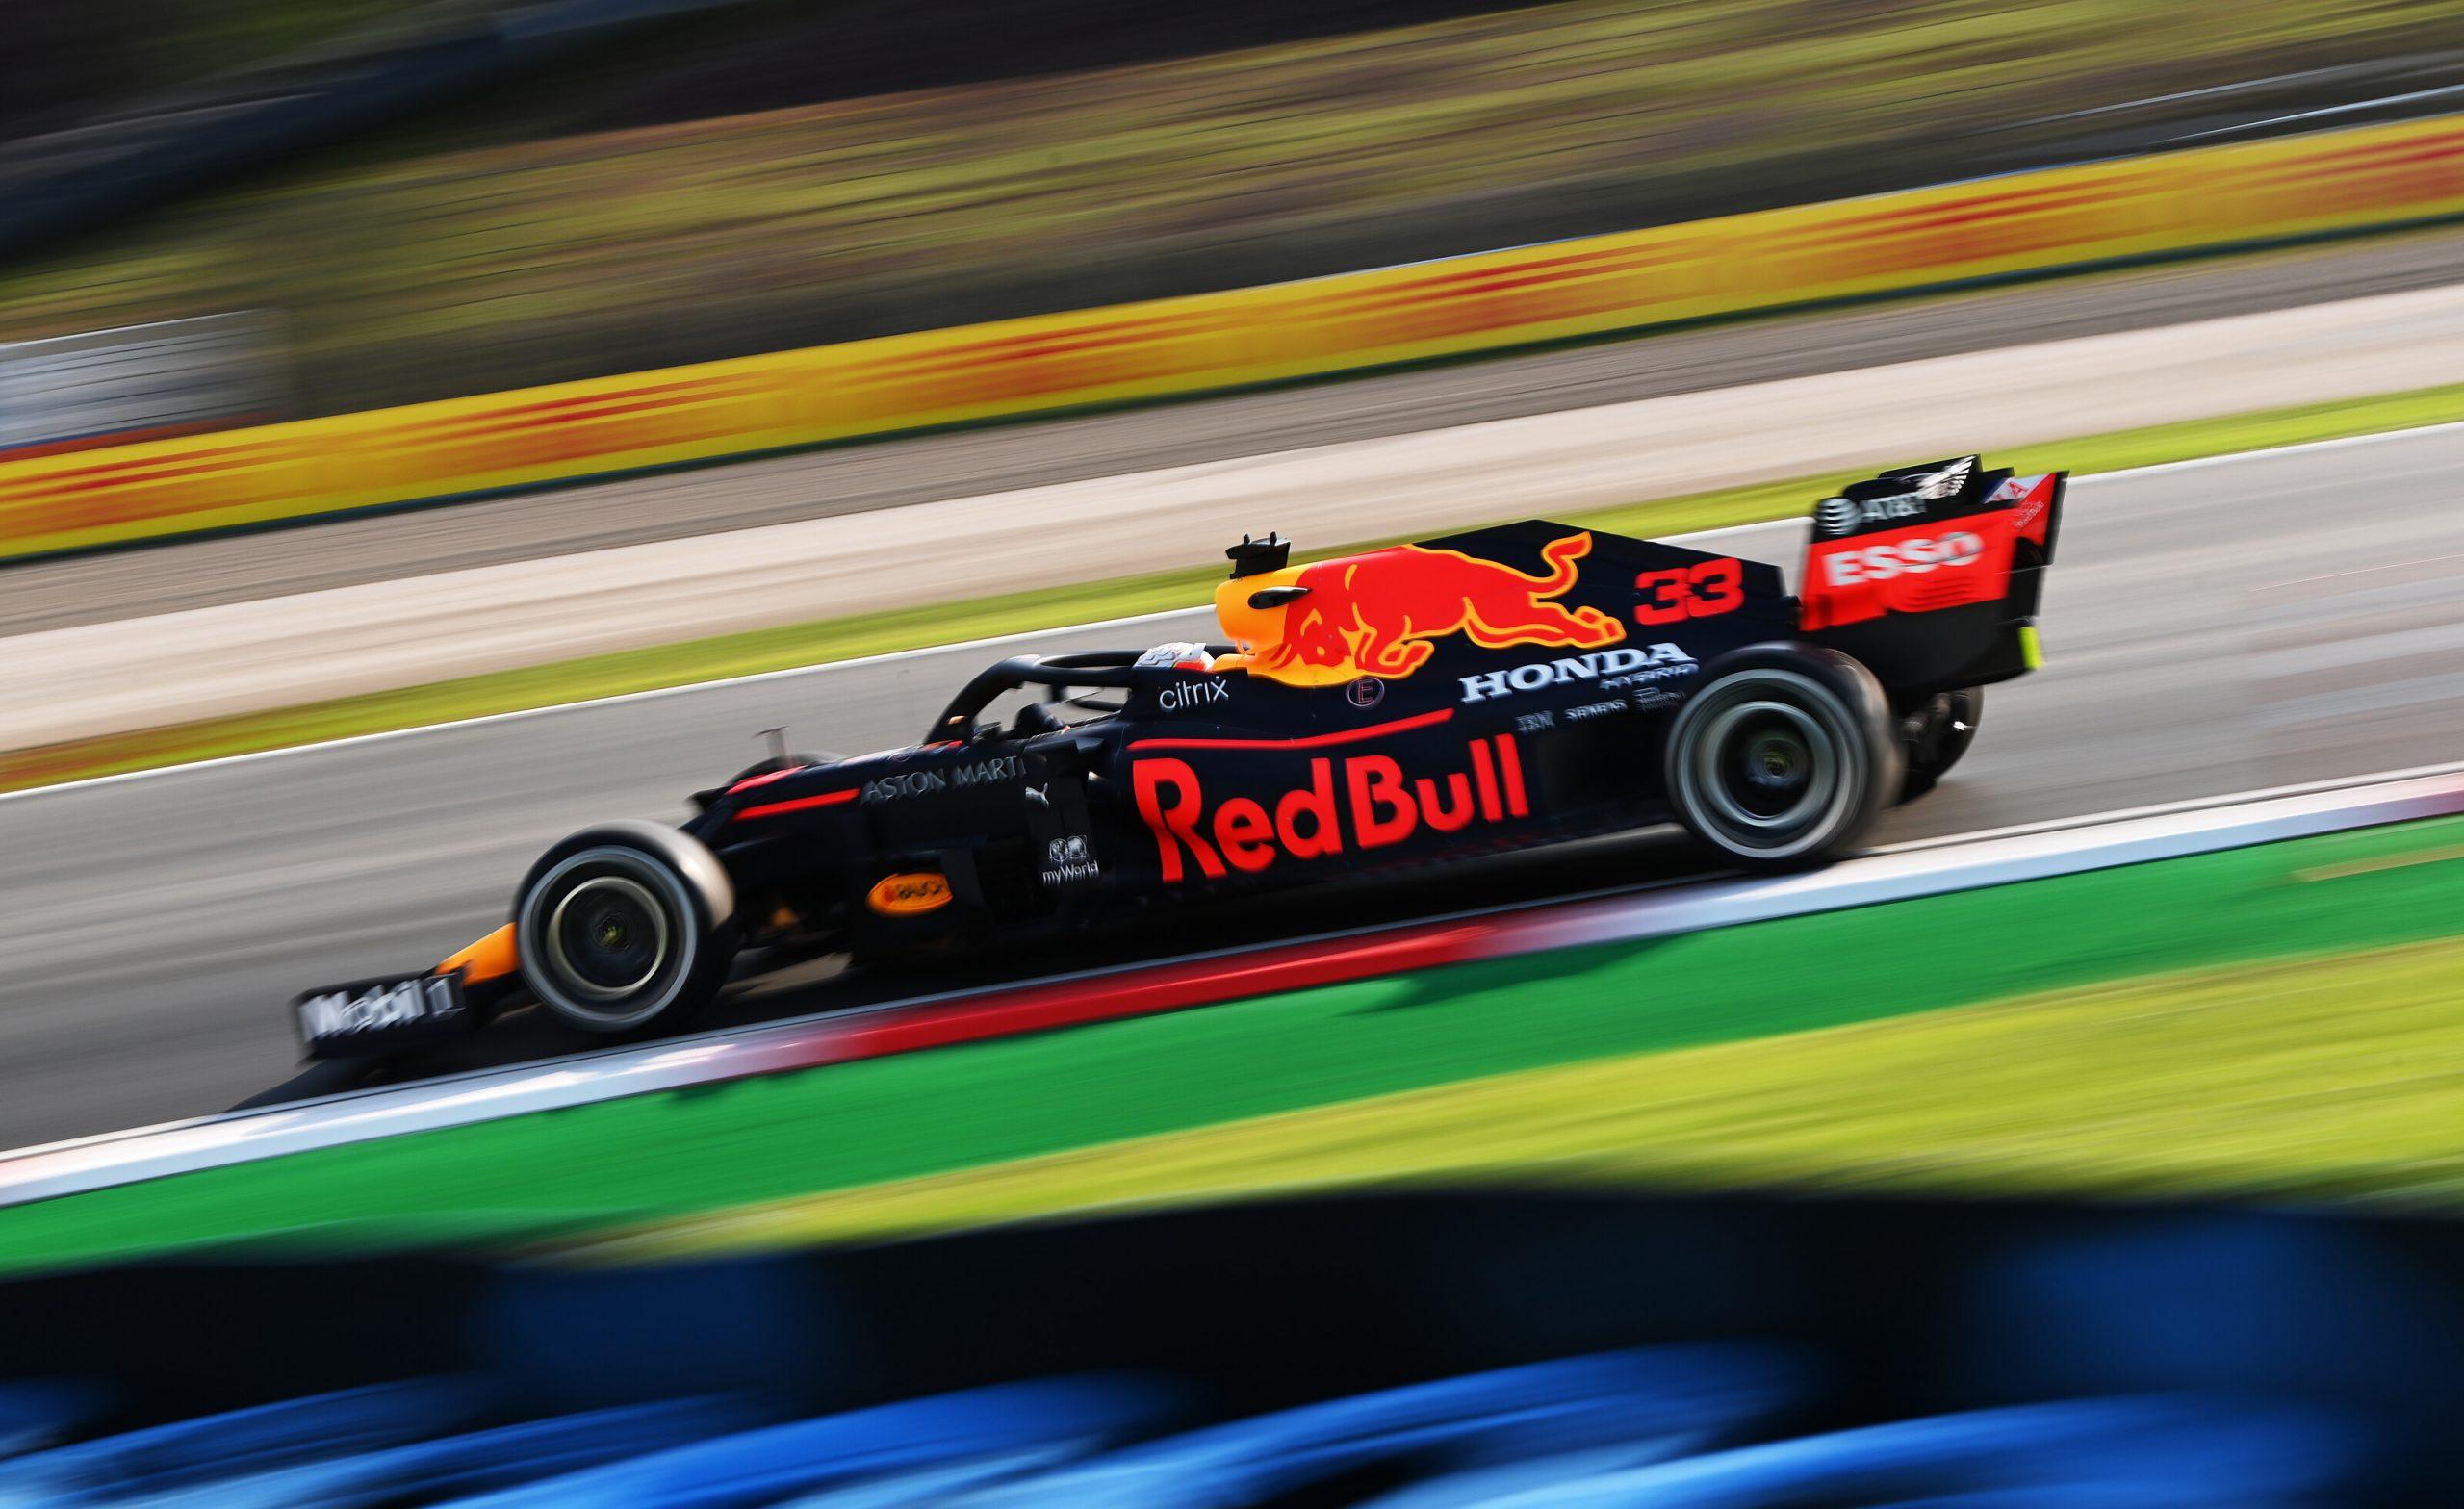 1e vrije training van de GP van Turkije 2020